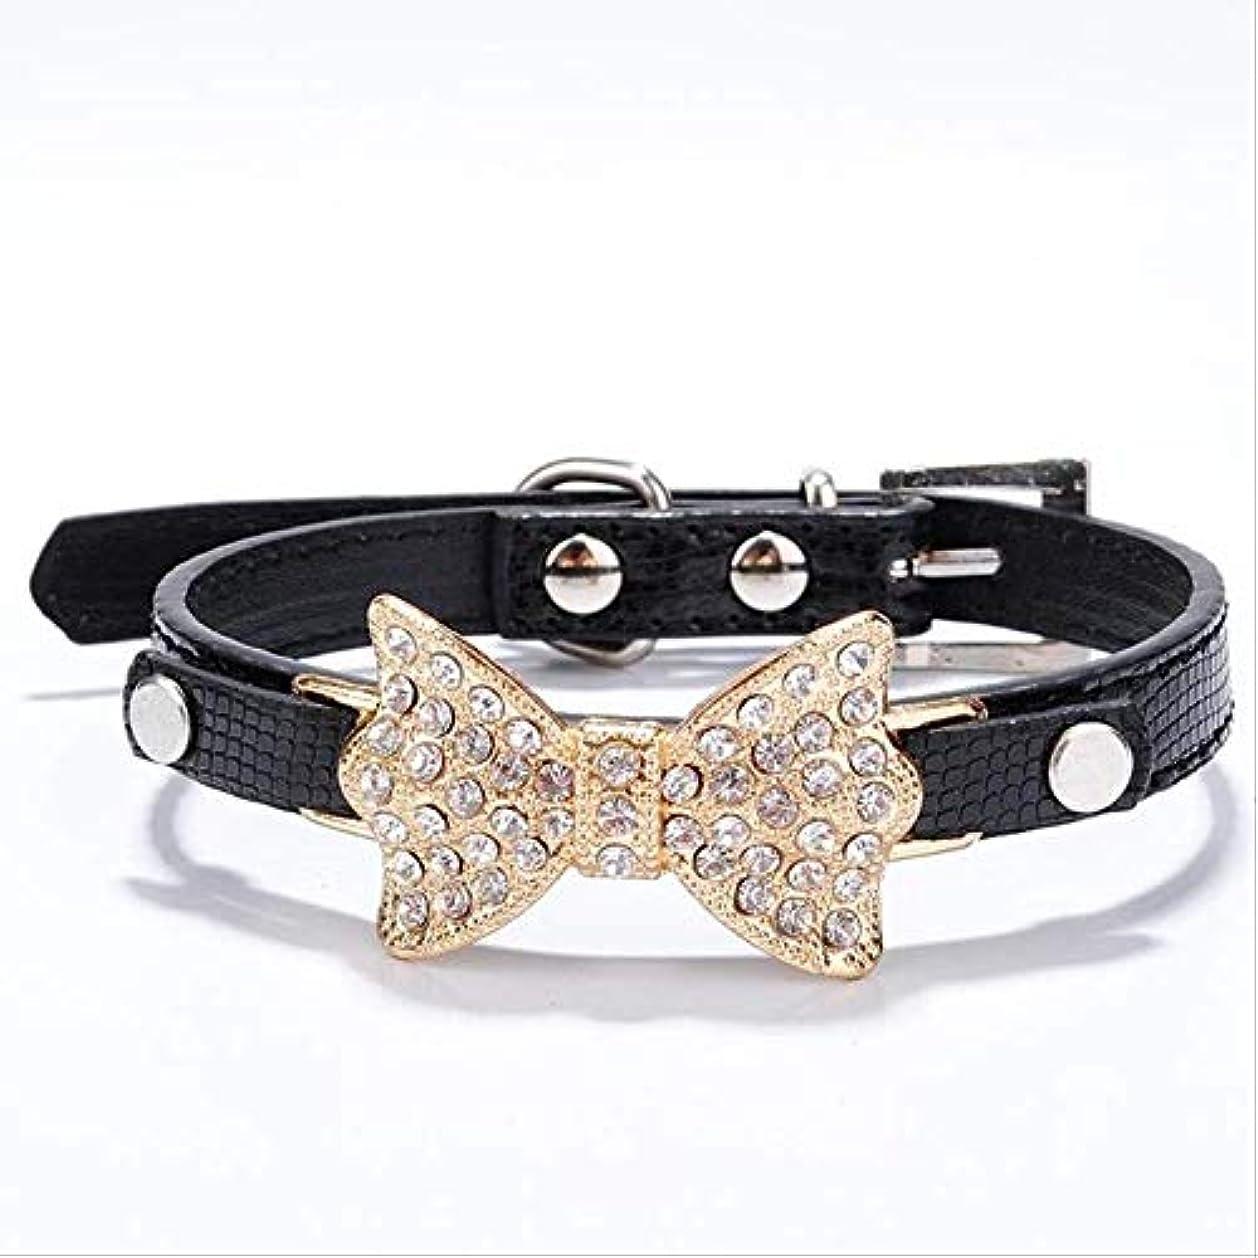 ヨーロッパ起きている学部Dog Collar Small Dog Bow Pu Leather Pet Collar Puppies Cat Necklace Dog Harness Harness Rope Dog Accessories Black M